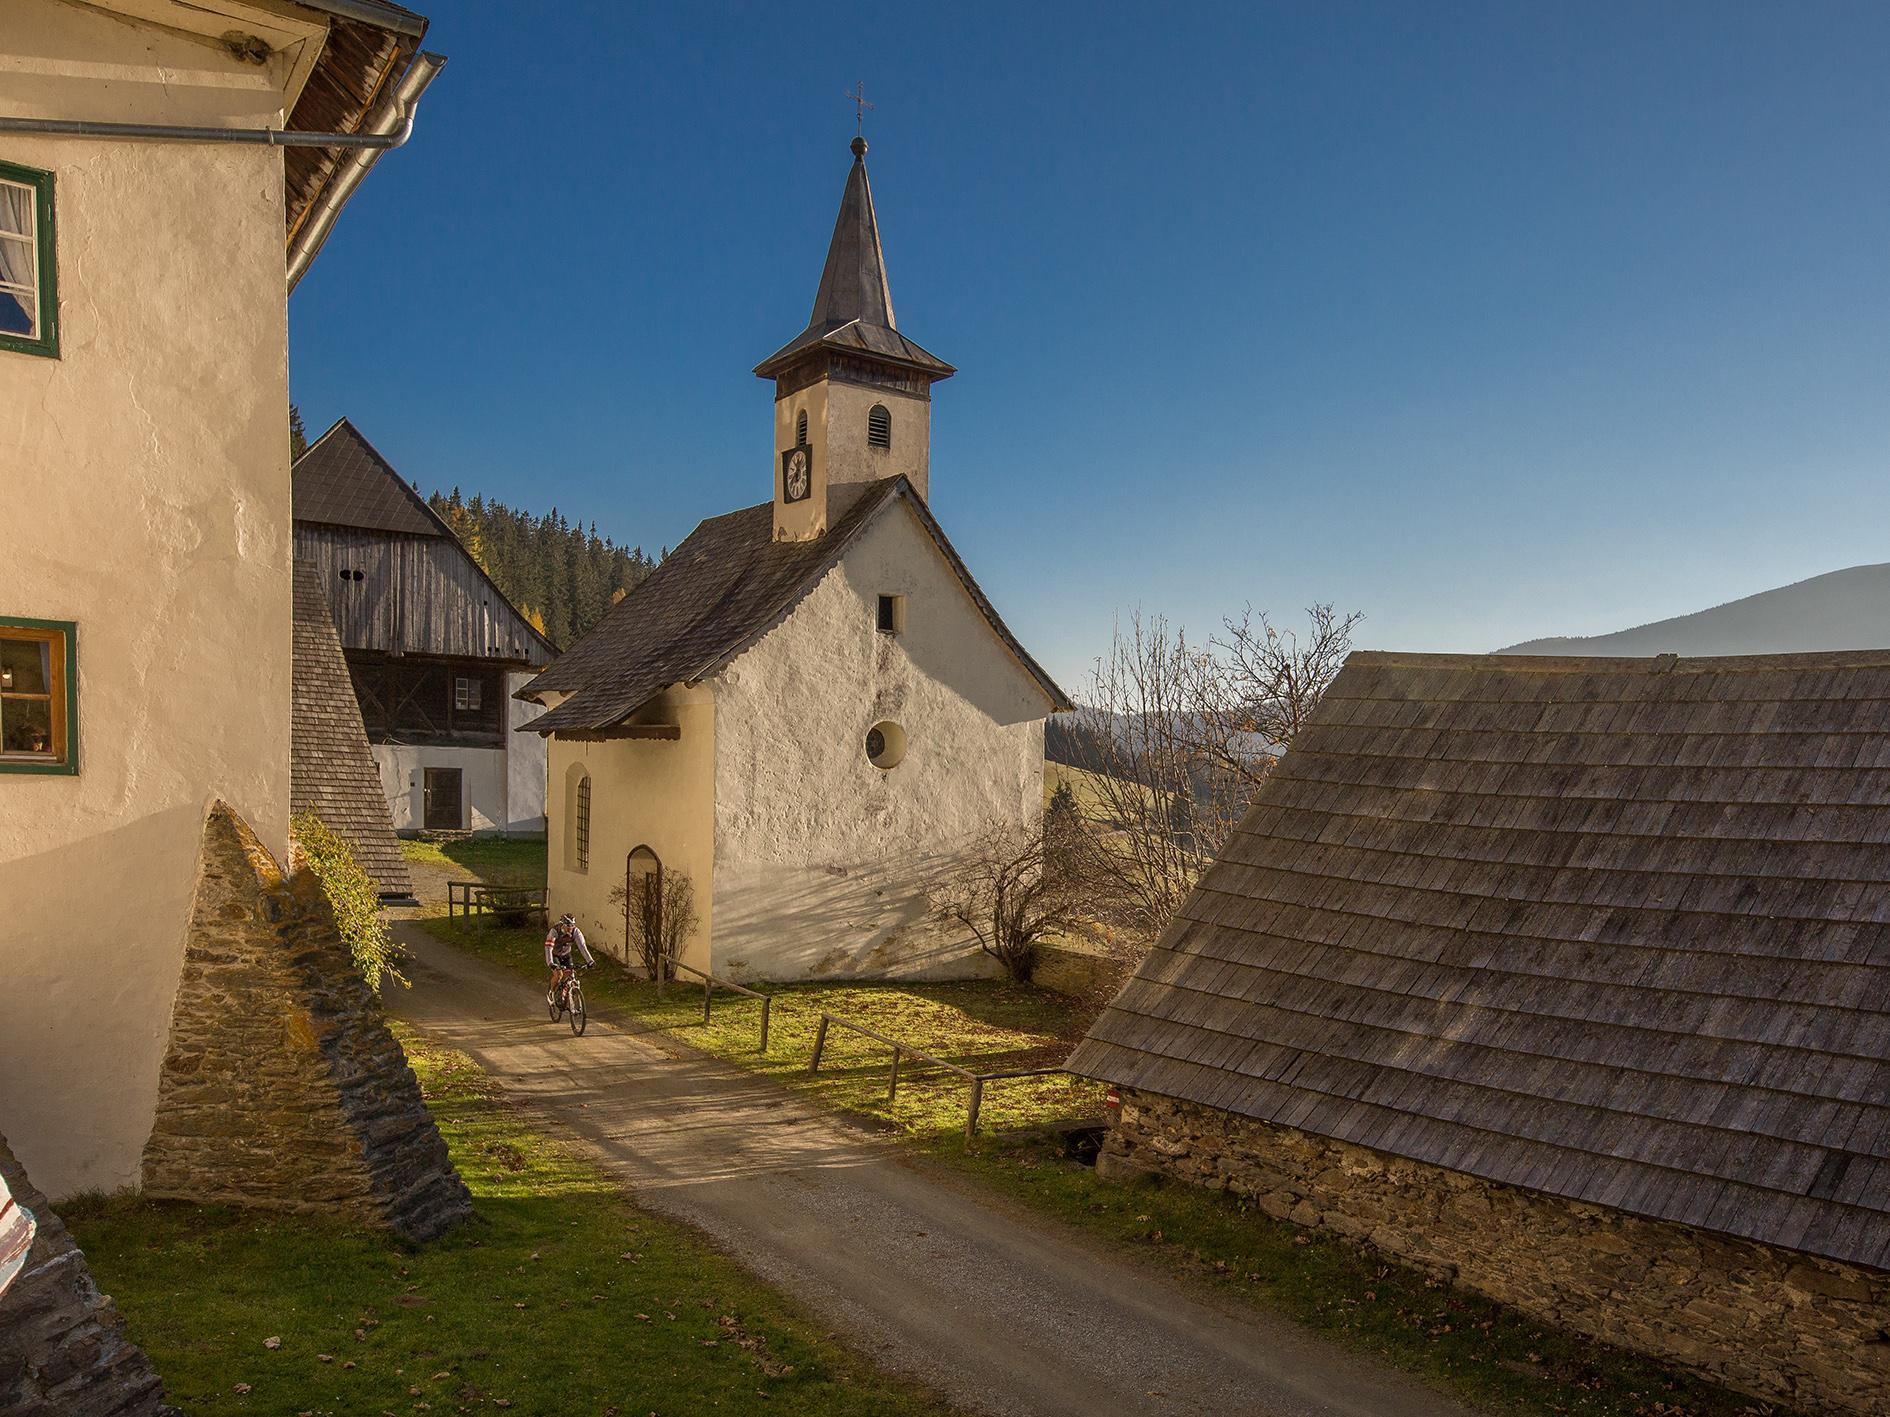 Stüblergut_Kirche-375A0248